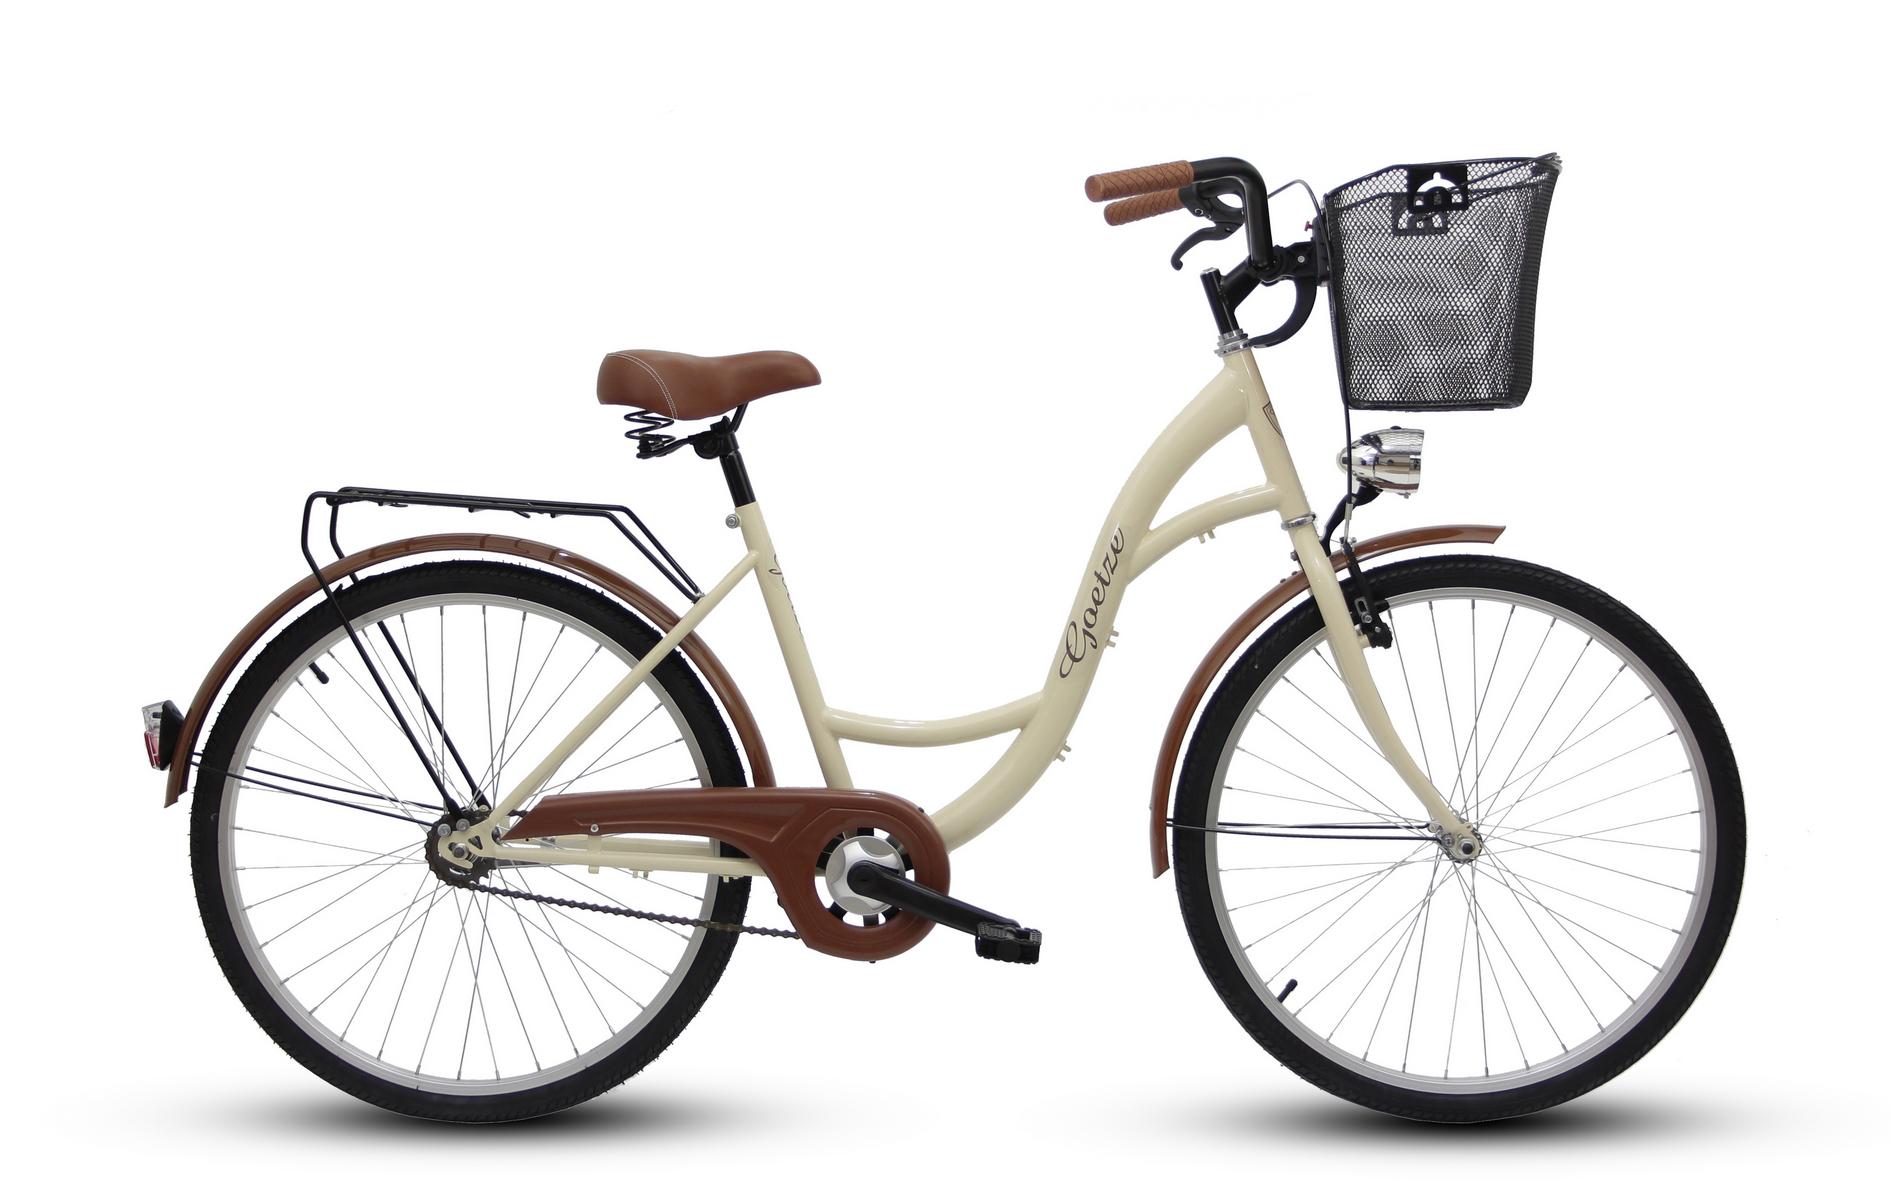 Dámsky mestský bicykel GOETZE 26 eco lady + košík !!!  Značka Goetze